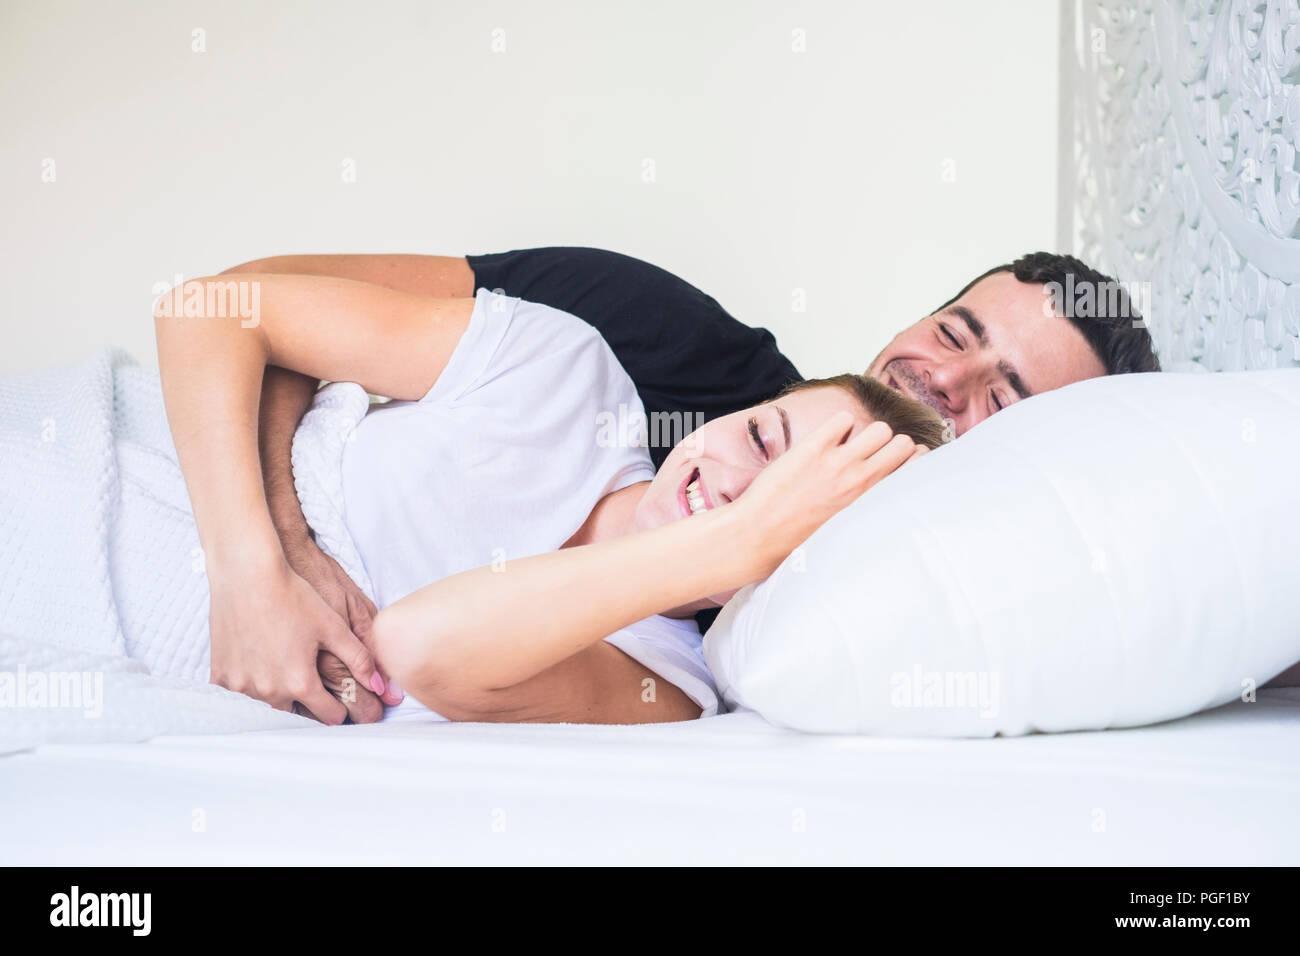 Happy young couple allongé et dormir ou se réveiller le matin tôt à la maison. Chambre blanche à la maison et les personnes serrant avec amour et relationshi Photo Stock